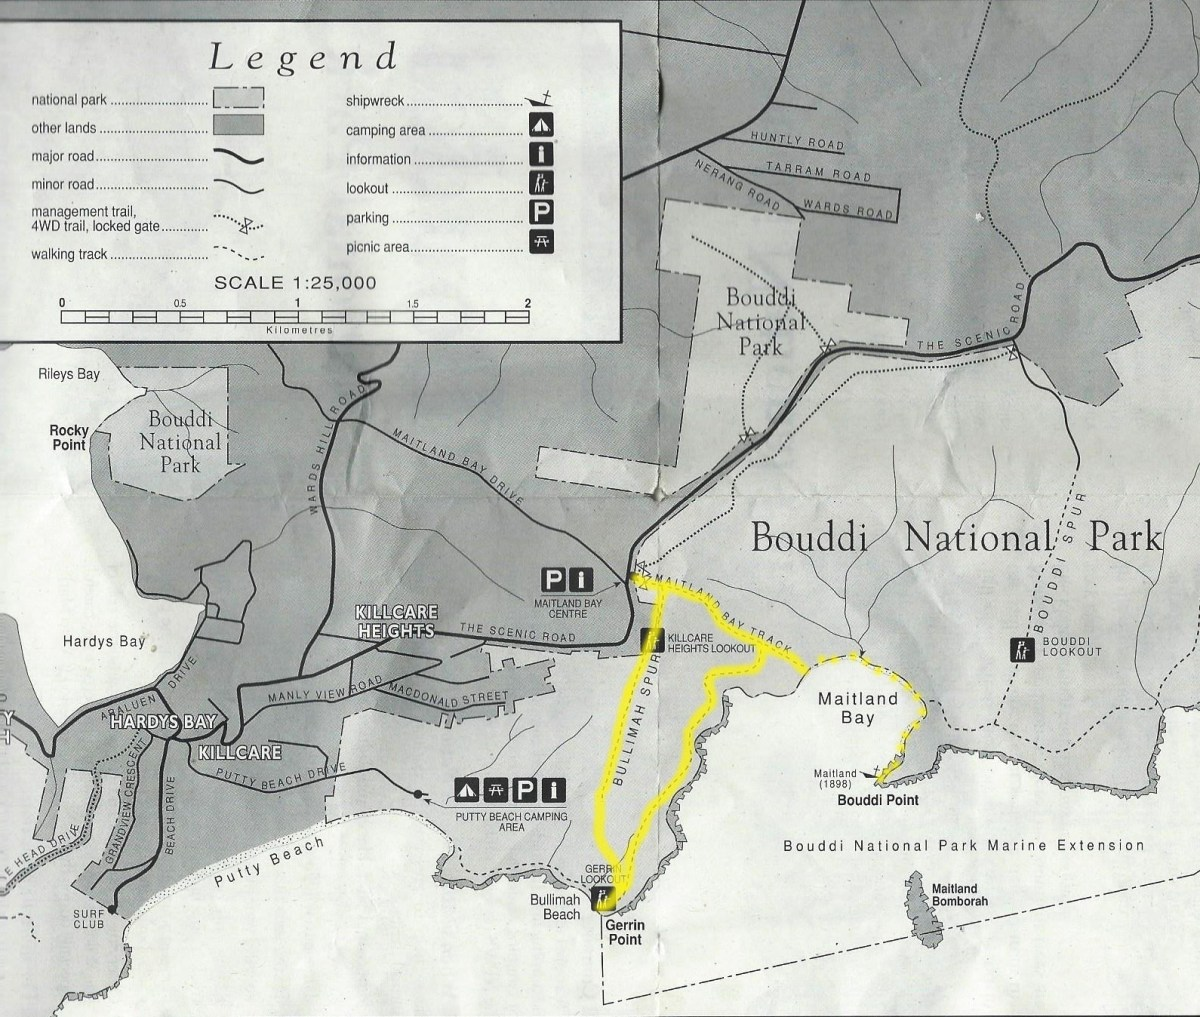 Map-BouddiNationalPark-BullimahSpurCircuit